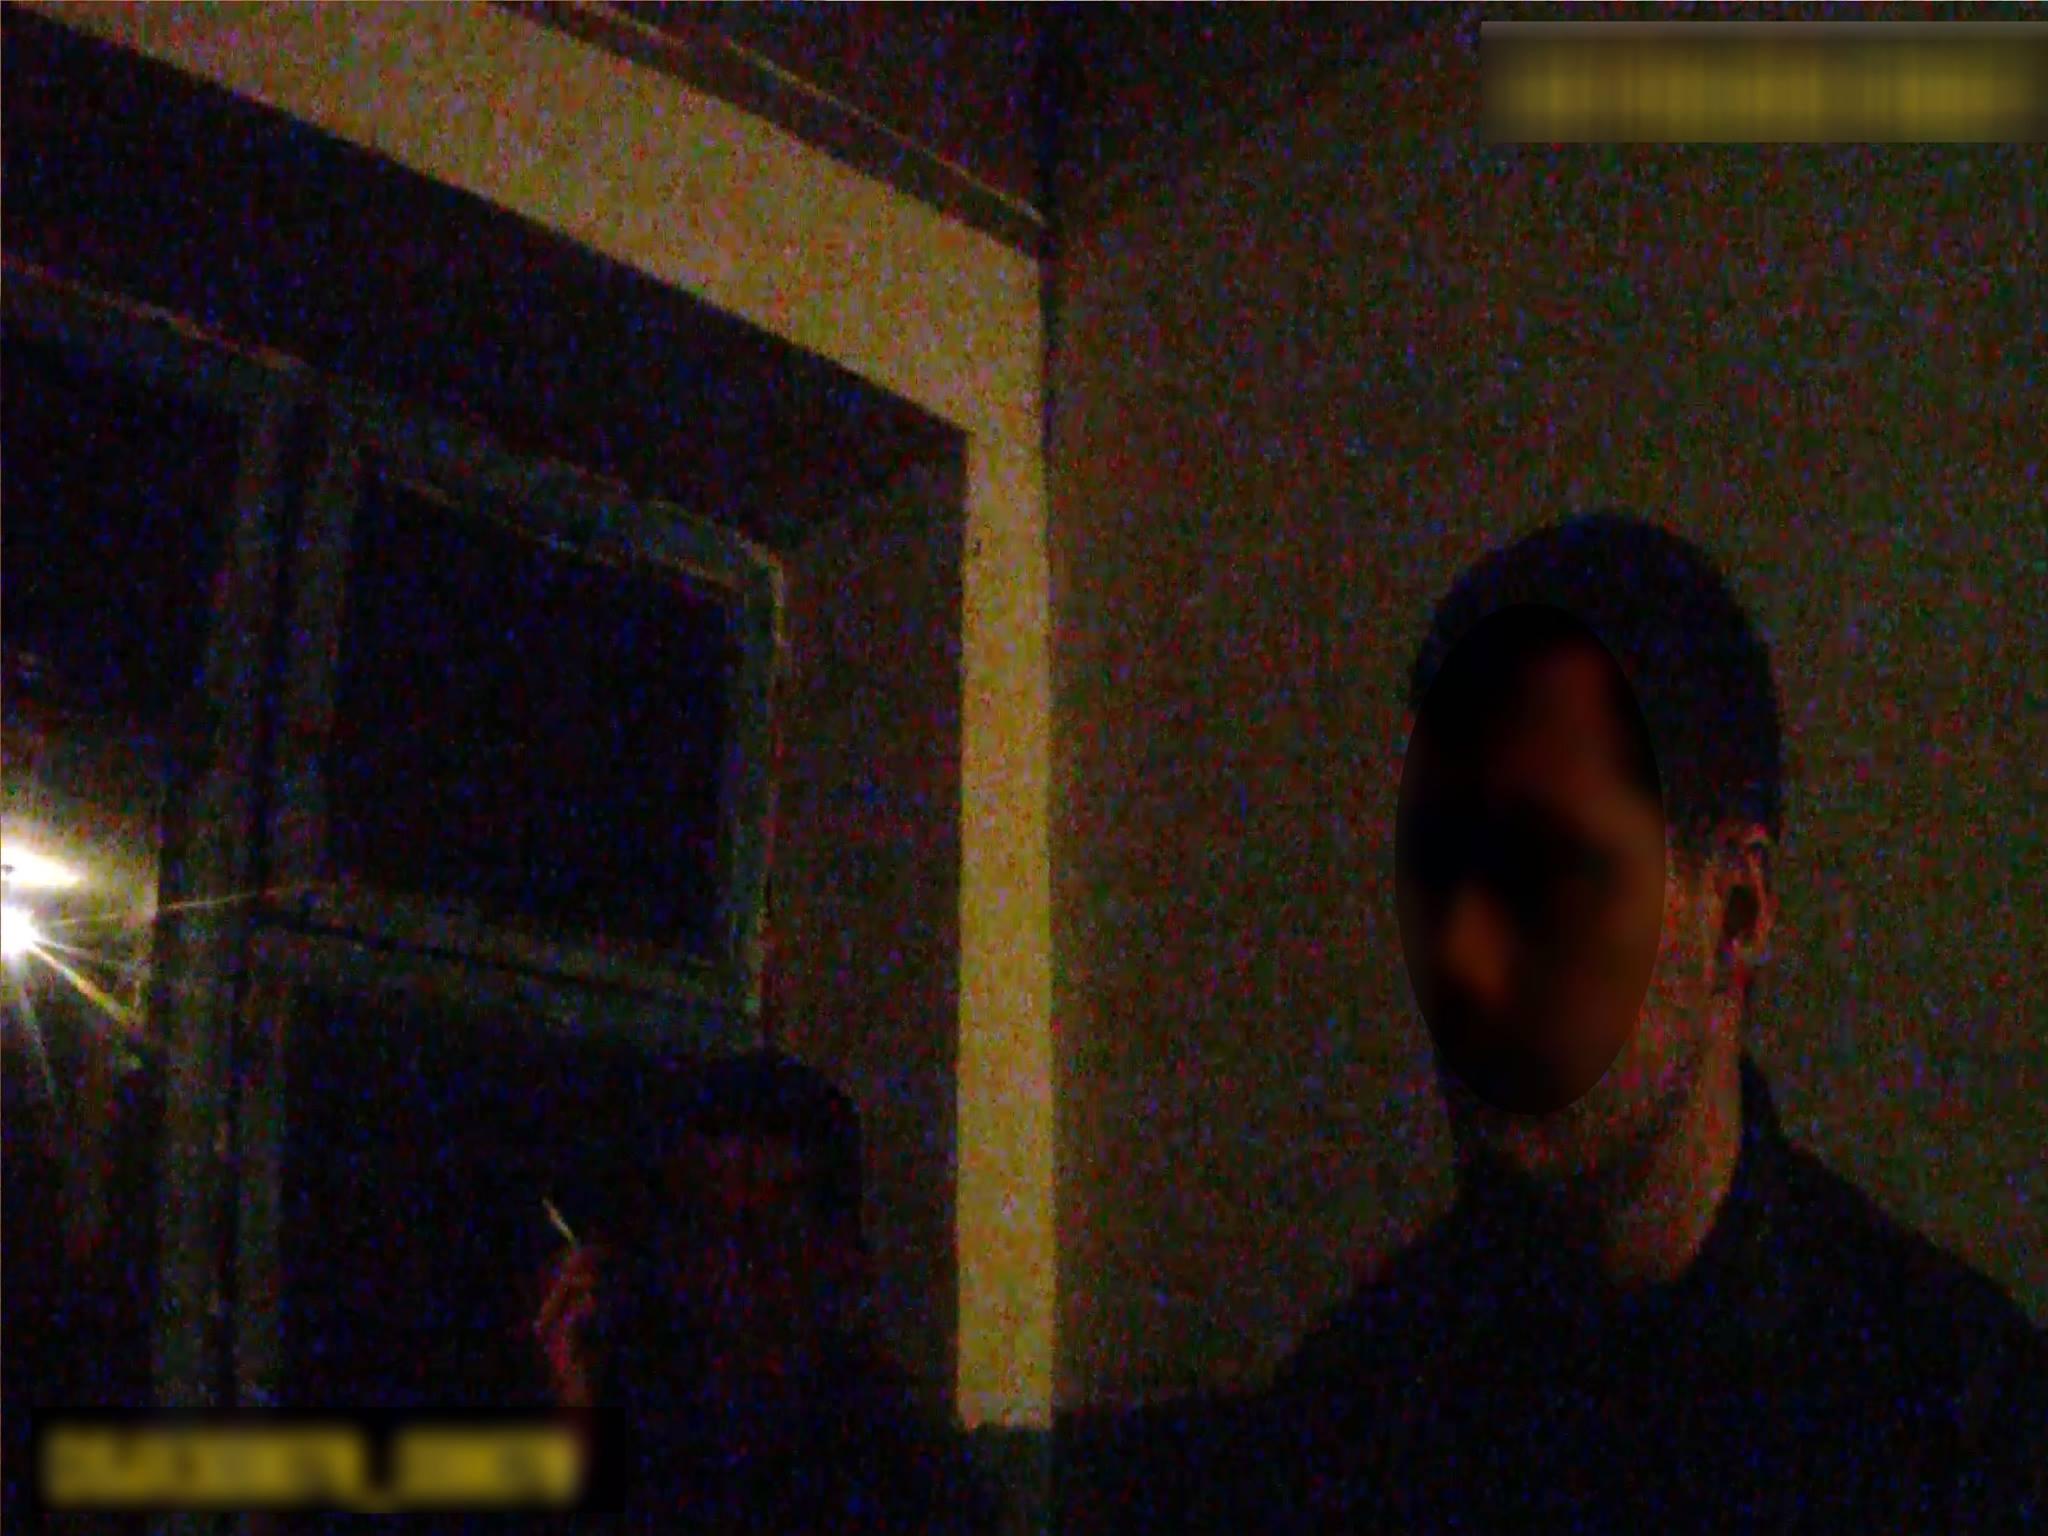 18076922 452182605118184 1370896057967651657 o - Житомирські копи затримали чоловіка, який міг влаштувати стрілянину в гуртожитку на Вітрука